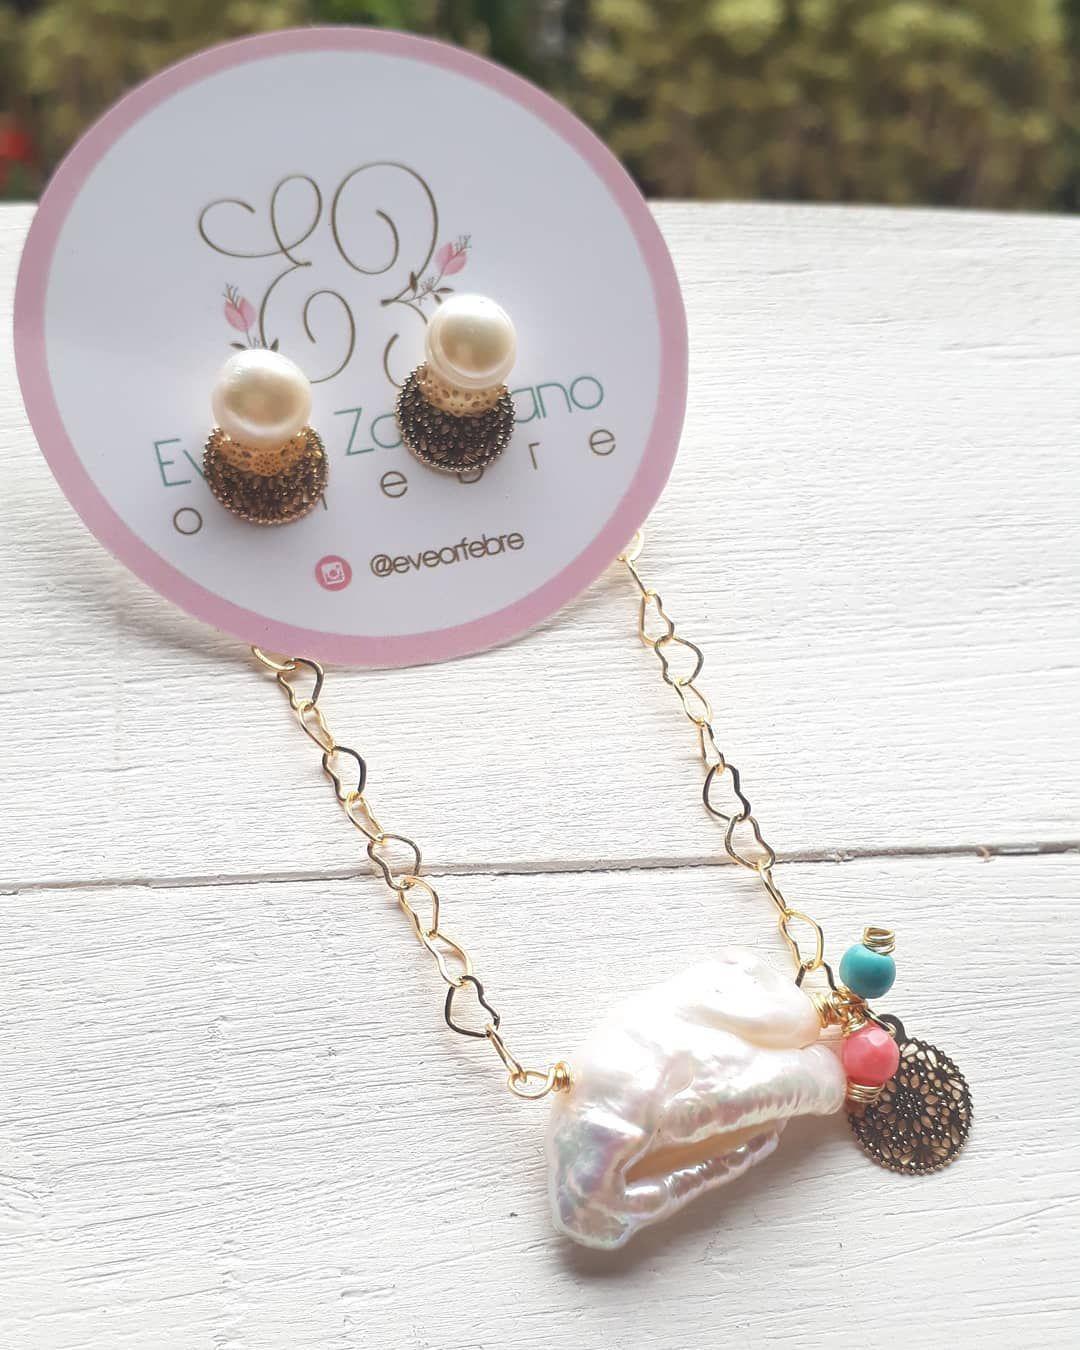 755f37b956 Cadena con Perla Barroca! Y zarcillos de perla cultivada 😍   perlascultivadas  zarcillos